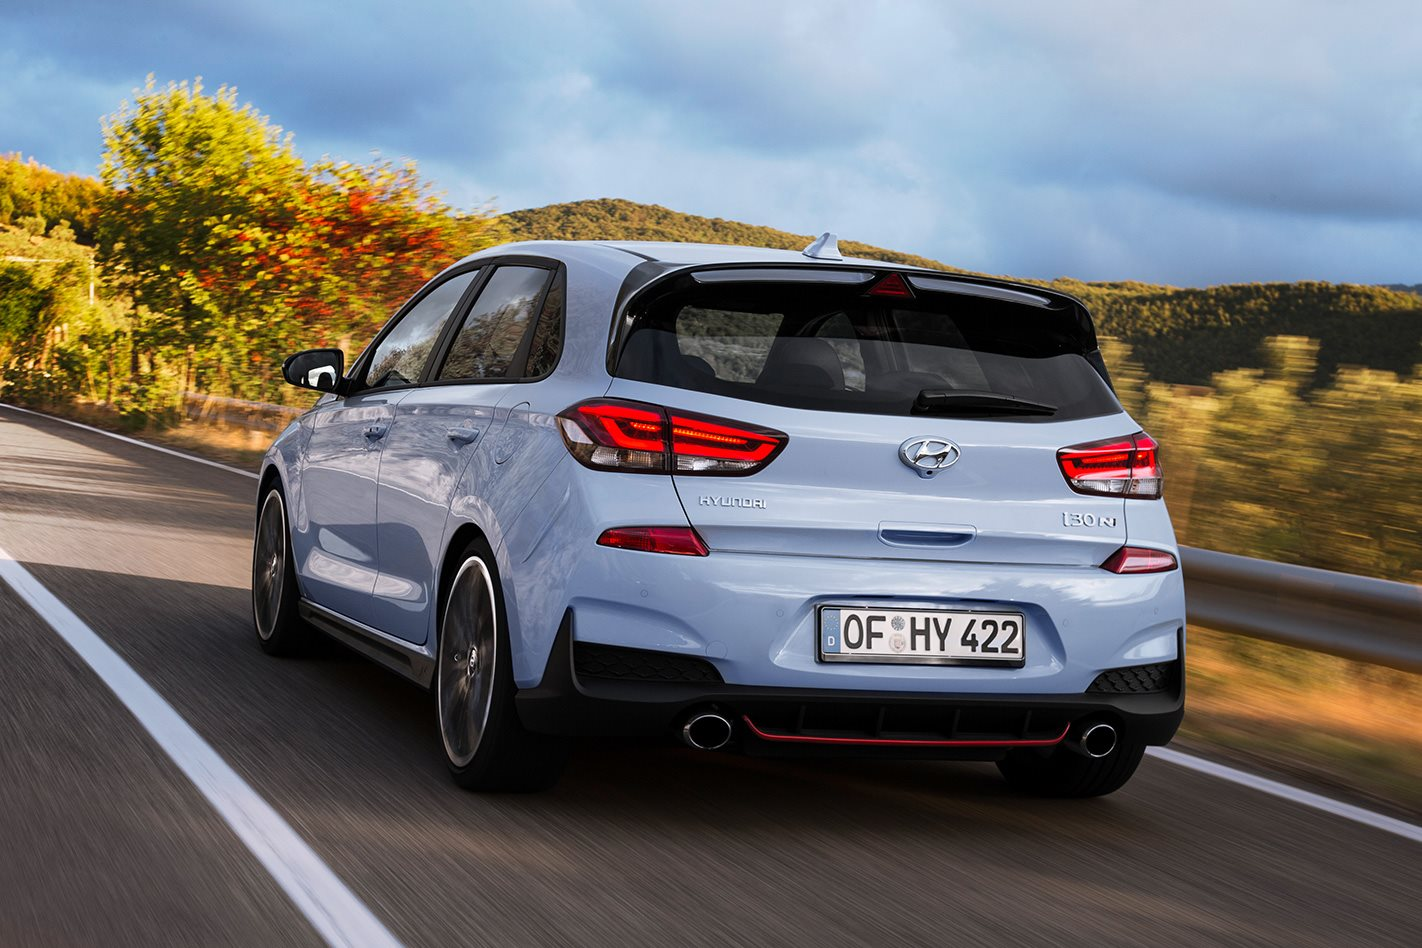 2018-Hyundai-i30-N-rear.jpg